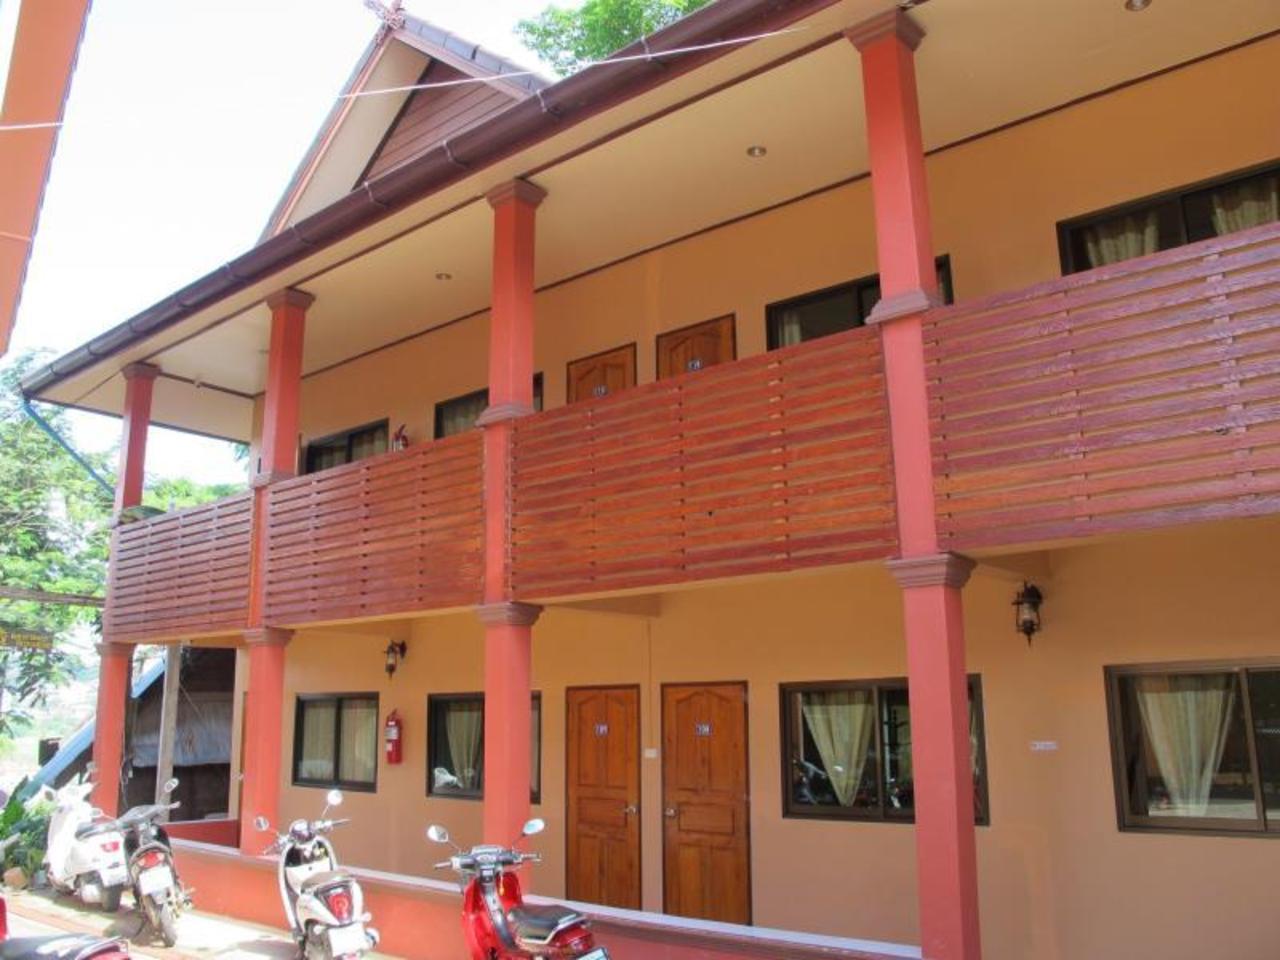 สยามริเวอร์ไซด์ เกสท์เฮาส์ (Siam Riverside Guest House)